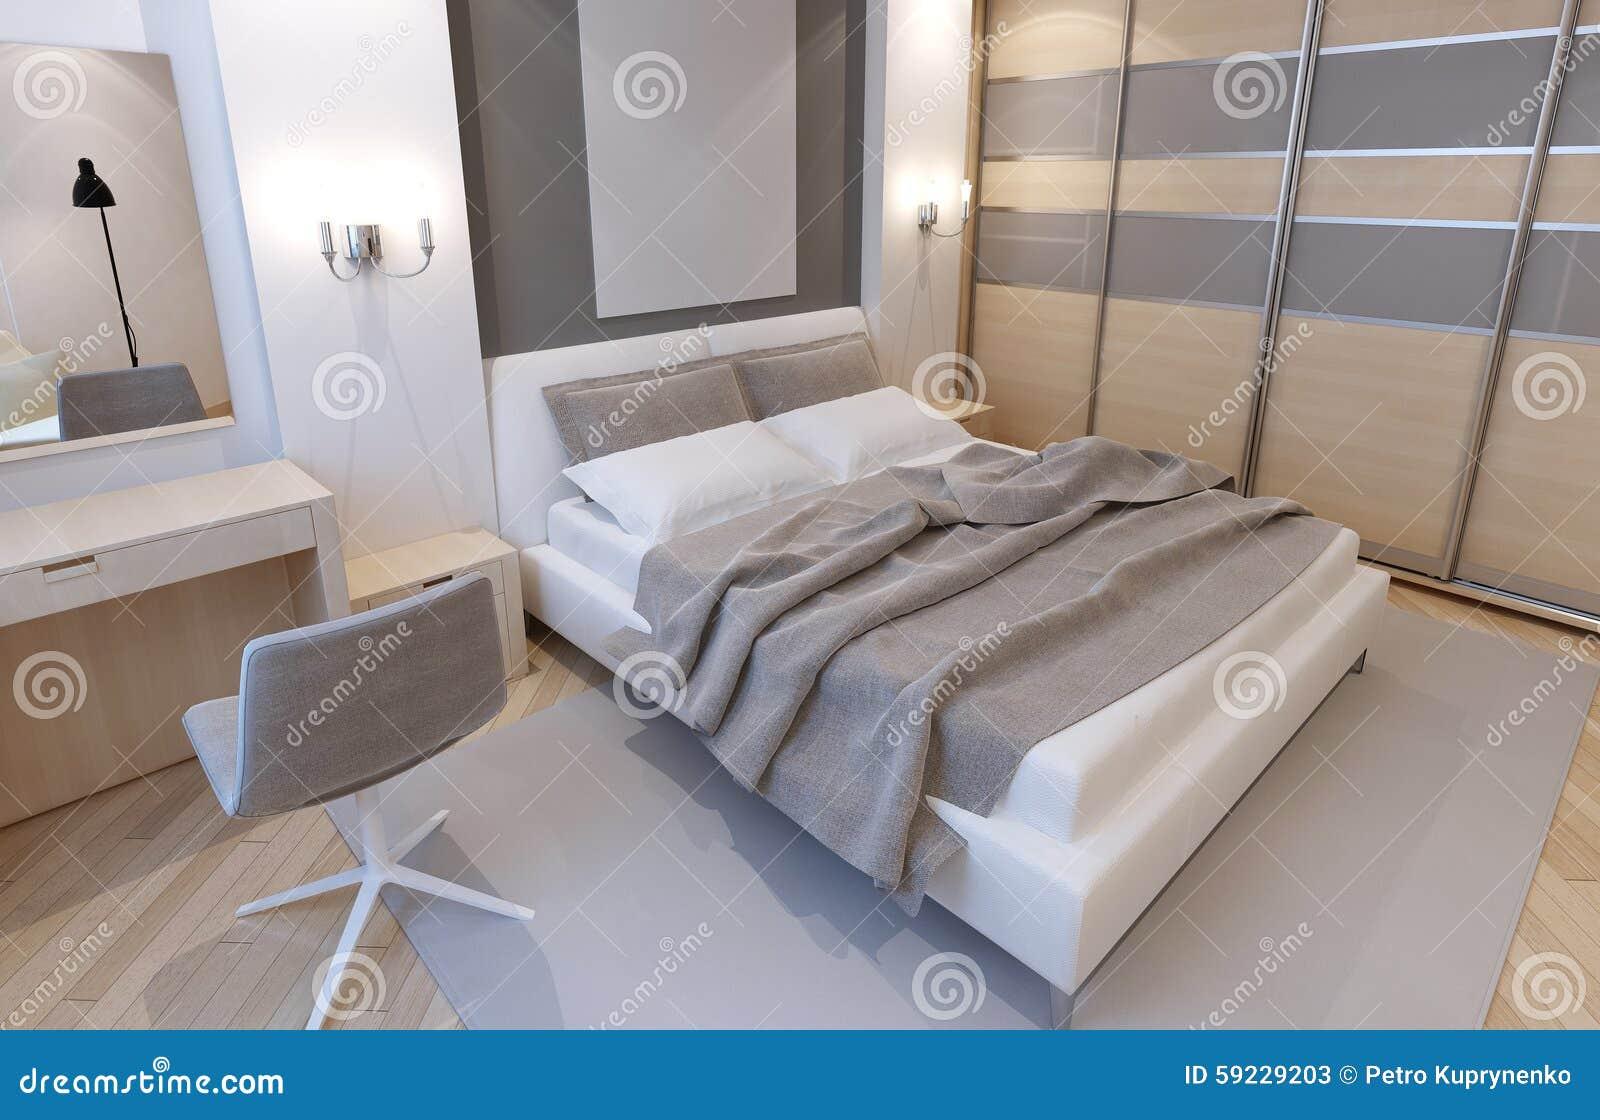 Dormitorio principal en colores claros